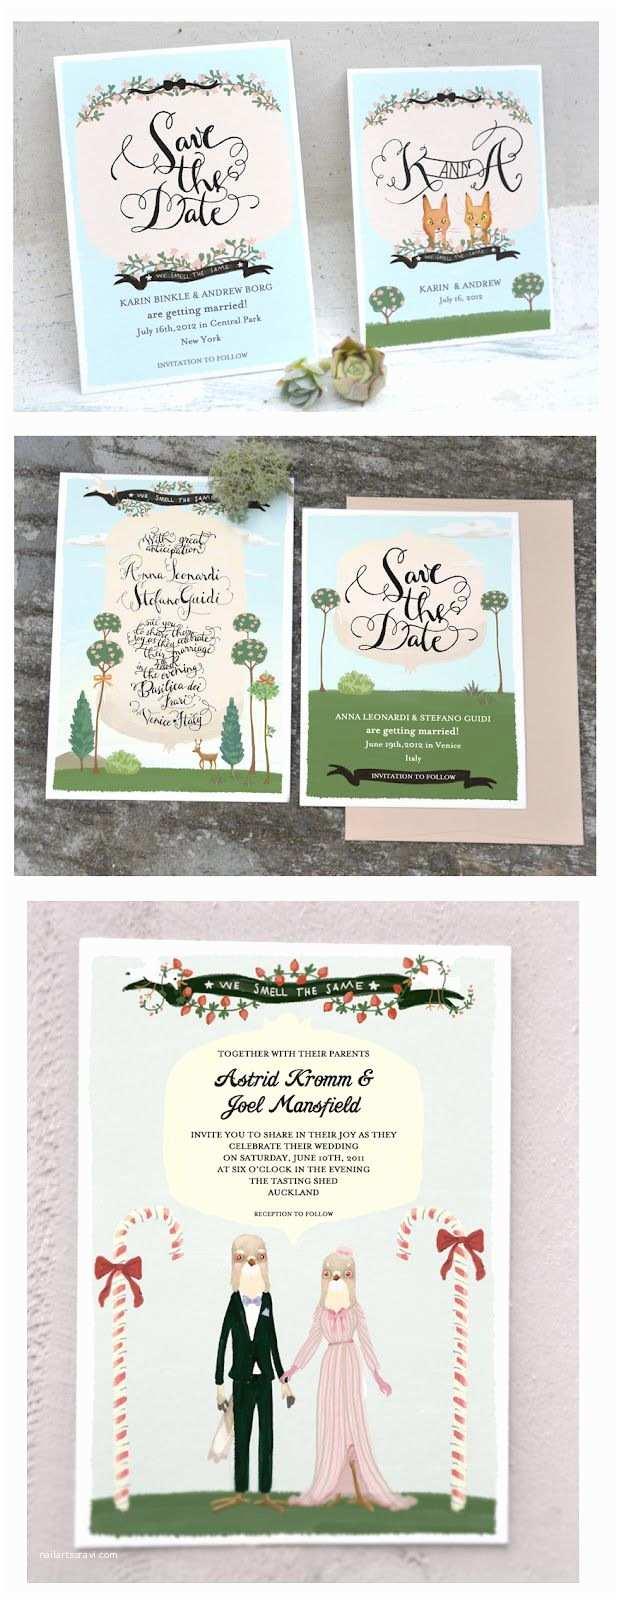 Illustrated Wedding Invitations Illustrated Wedding Invitations Rustic Wedding Chic